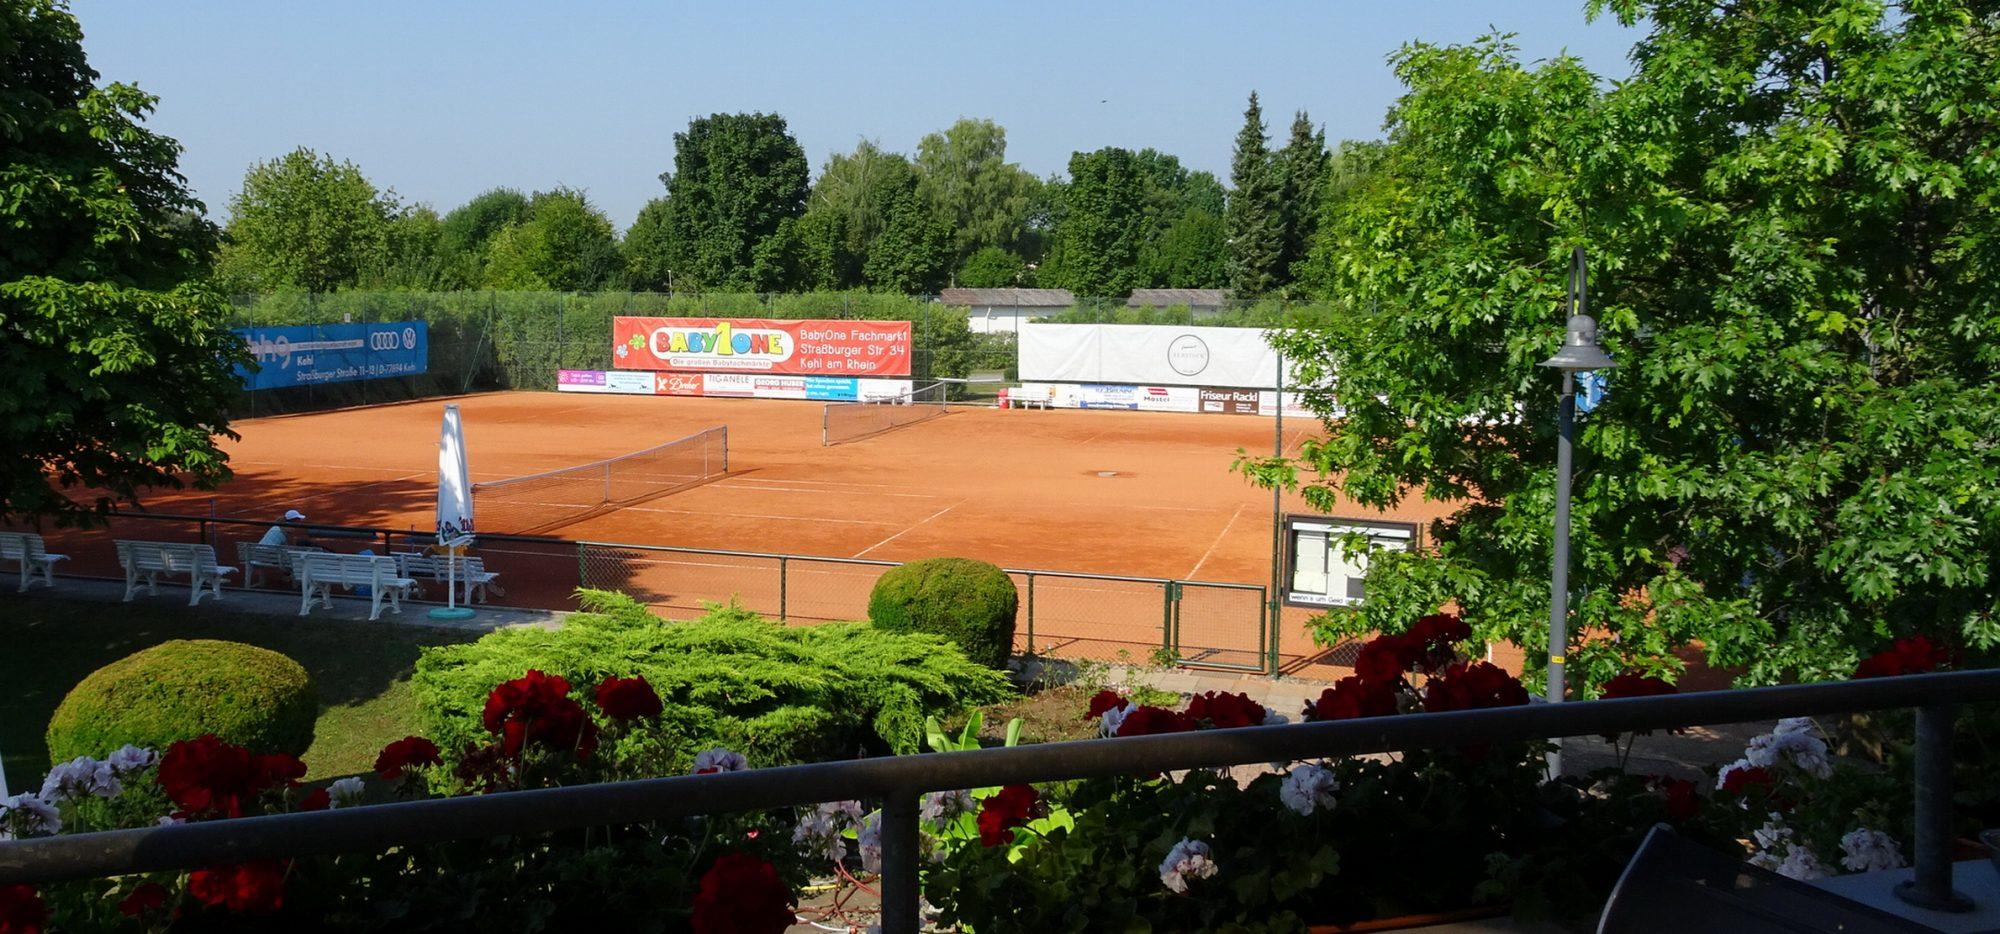 Tennis Club Goldscheuer